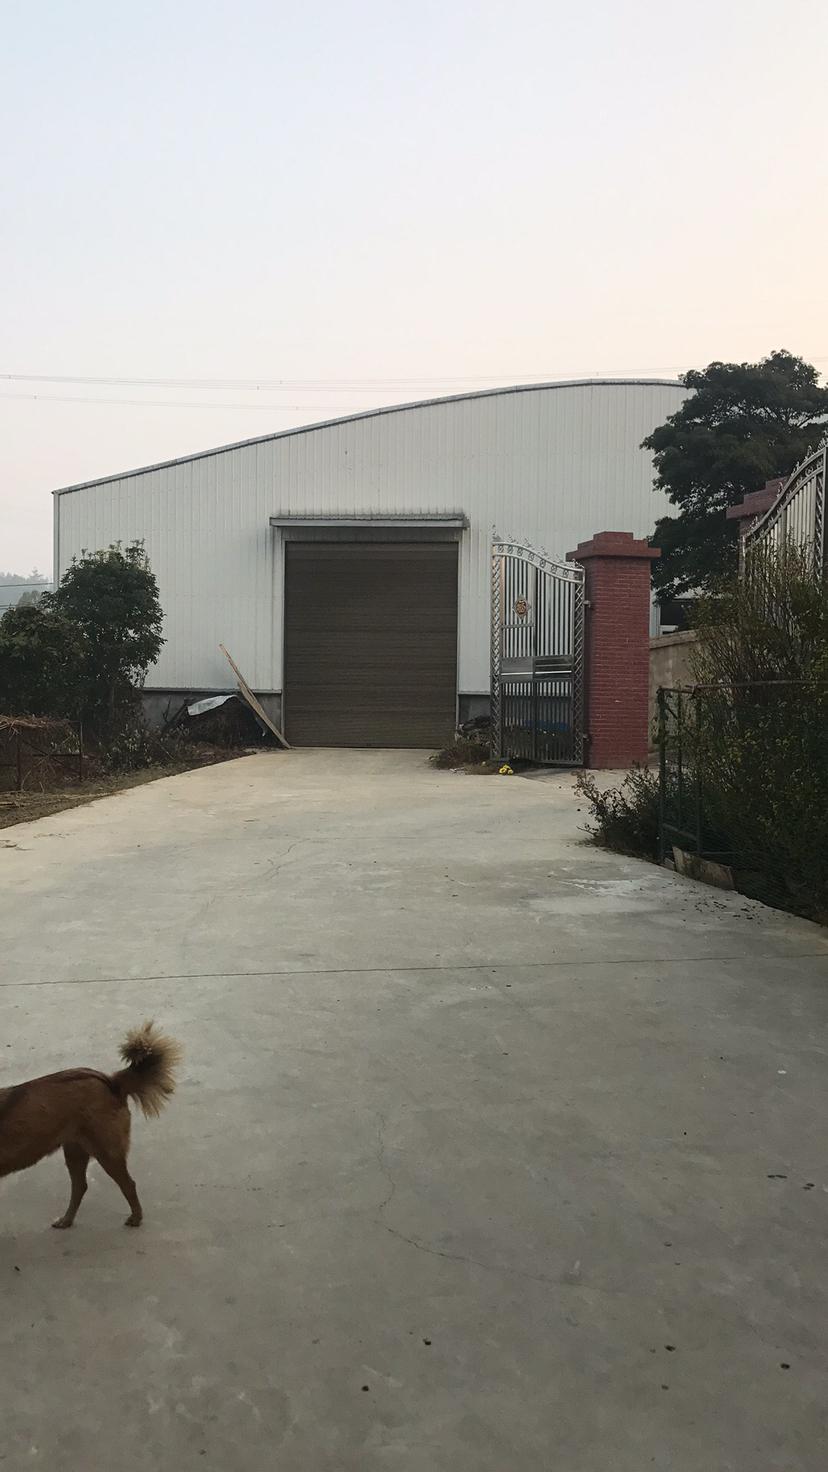 长沙市开福区沙坪街道500平方厂房、仓库出租,价格12块,